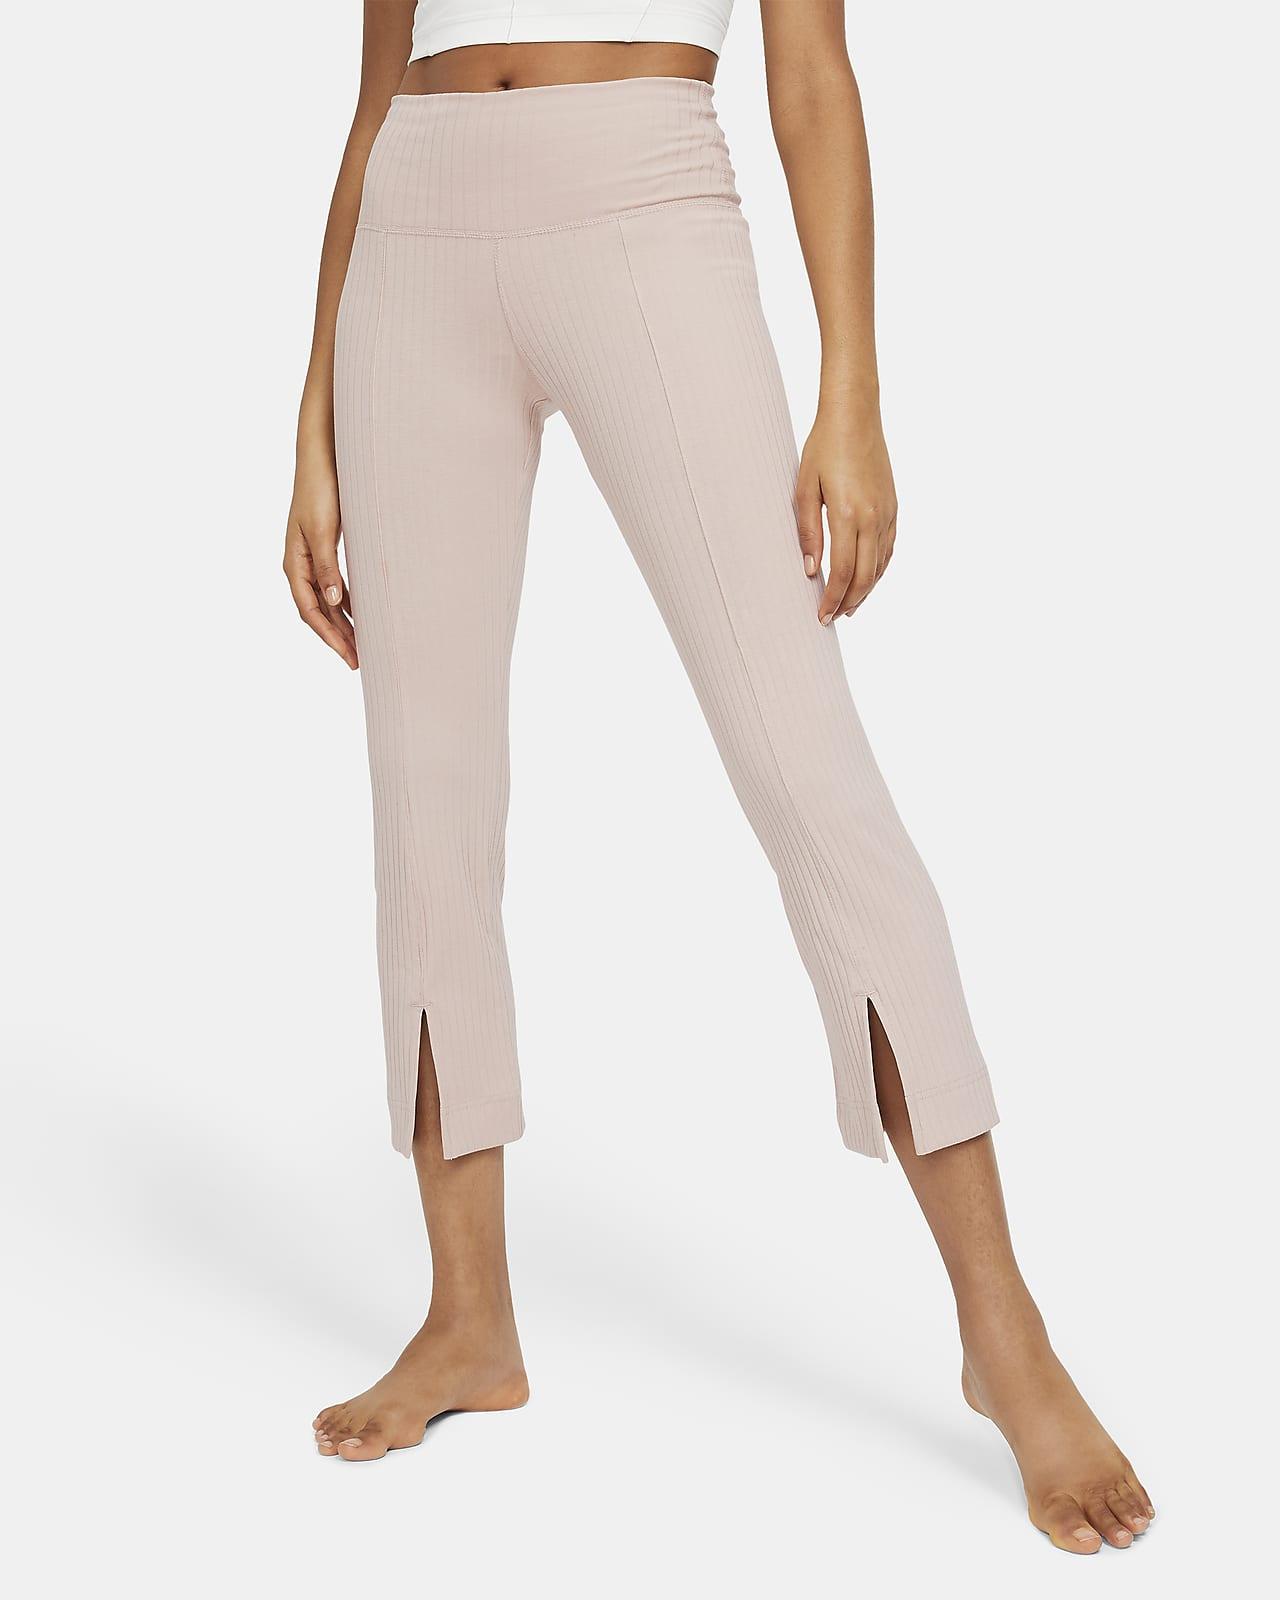 Nike Yoga Ribbed 7/8 女子长裤